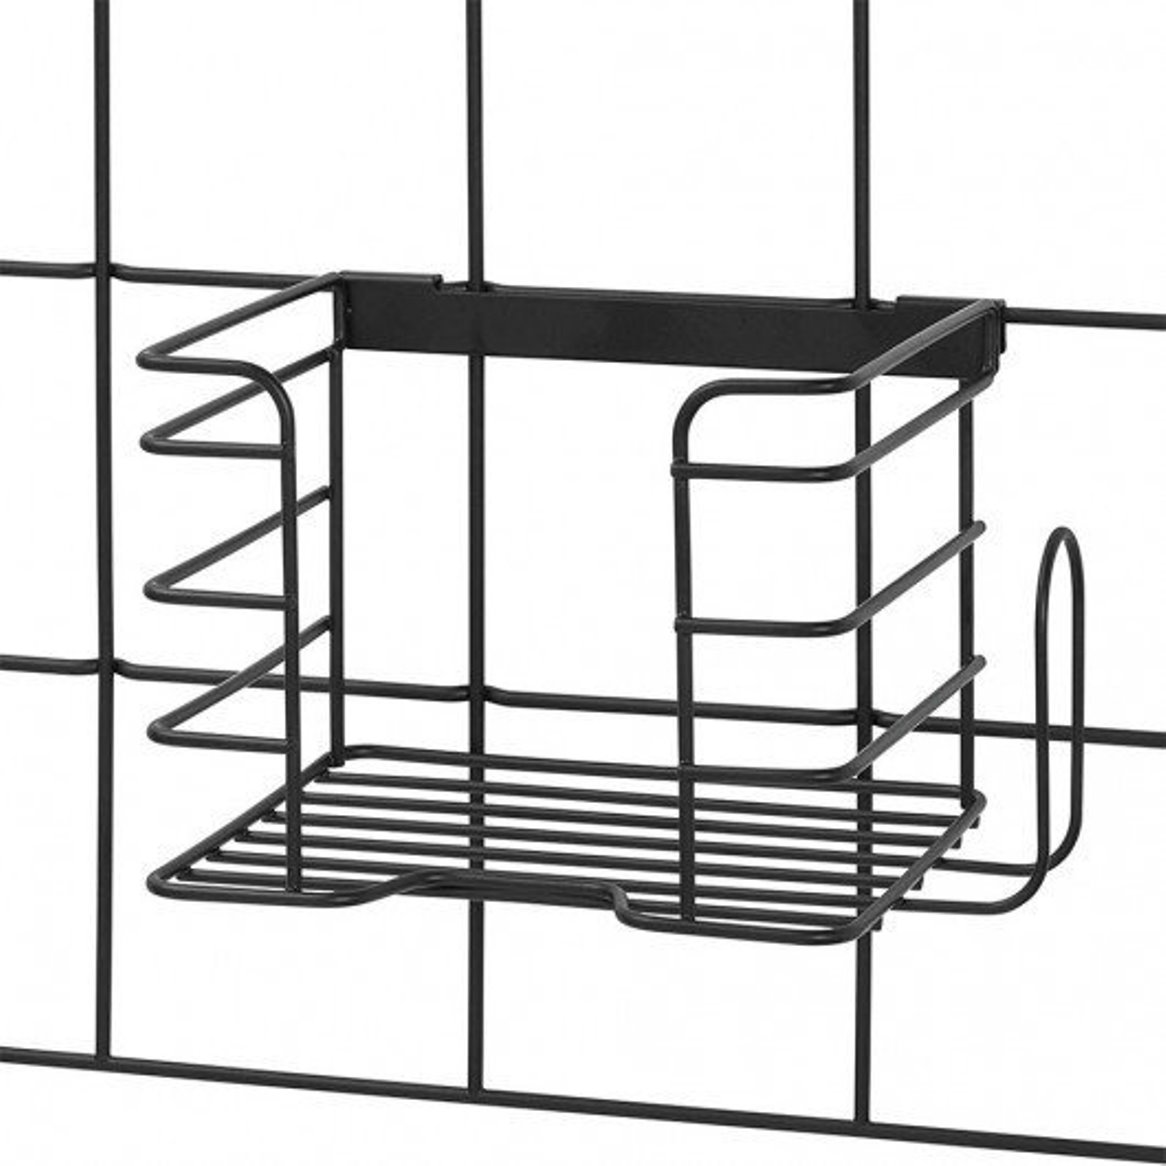 Онлайн каталог PROMENU: Органайзер настенный металлический для утюга iDesign JAYCE, 20,8х15,3х15,1 см, черный Interdesign 08107EU